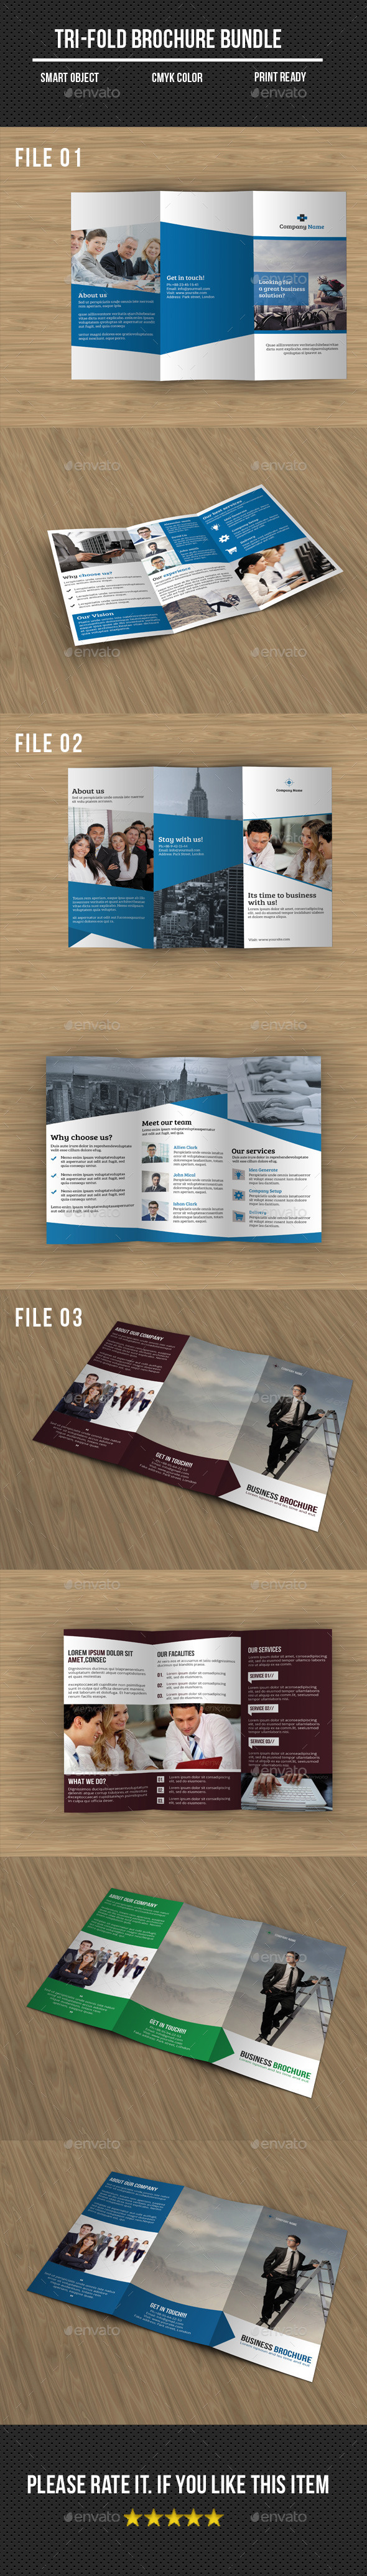 Corporate Tri- Fold Brochure Bundle - Corporate Brochures